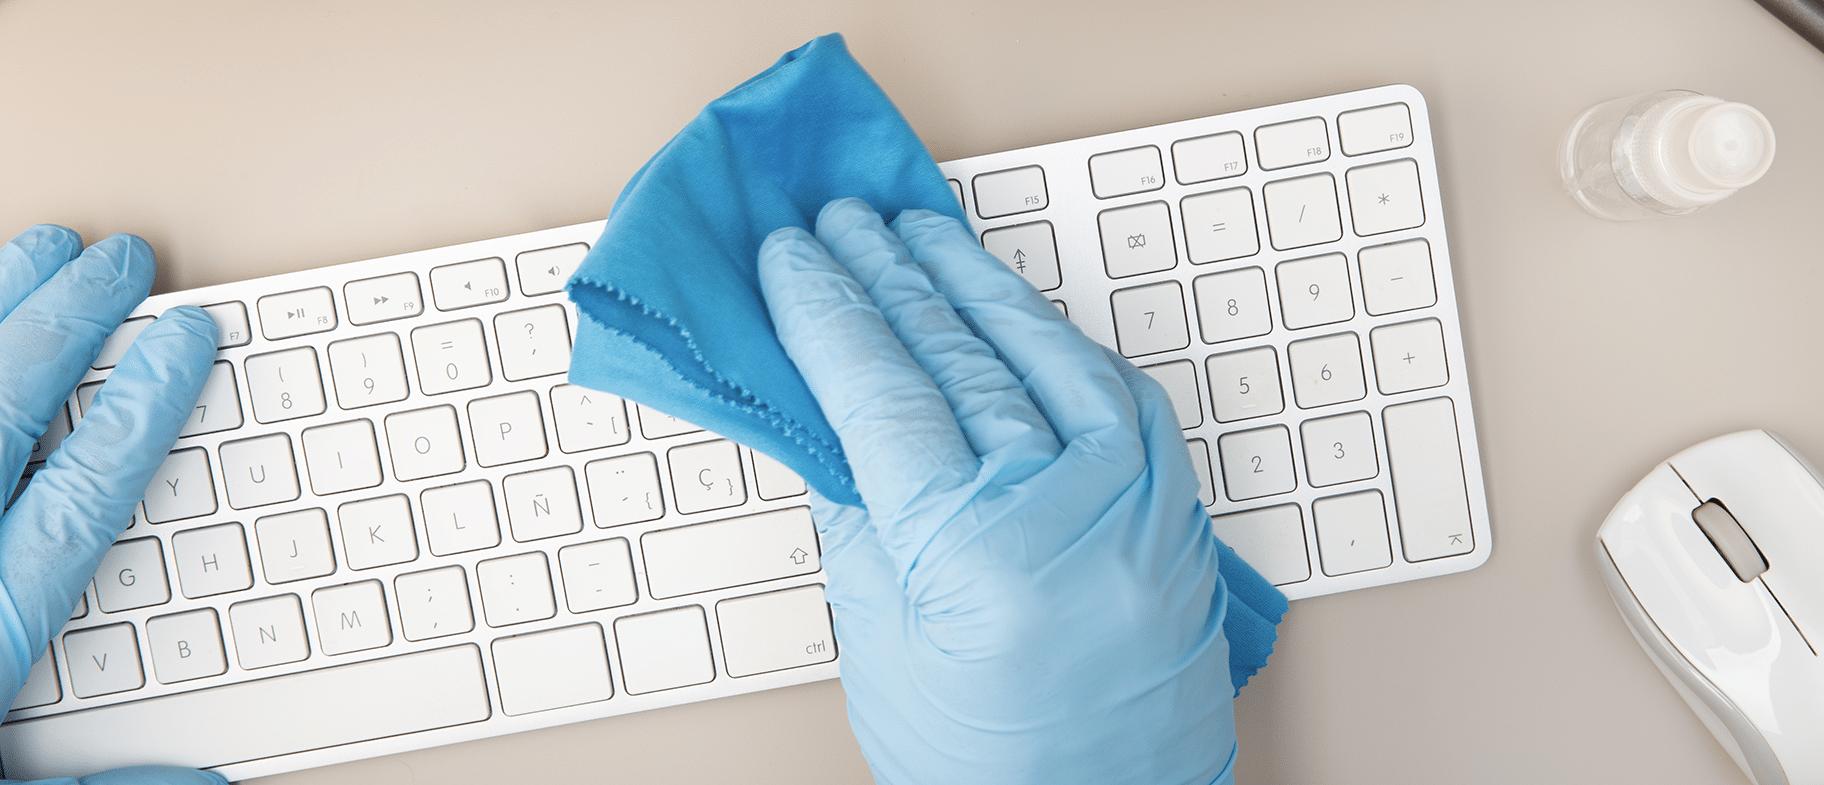 image d'un nettoyage de clavier par un pro